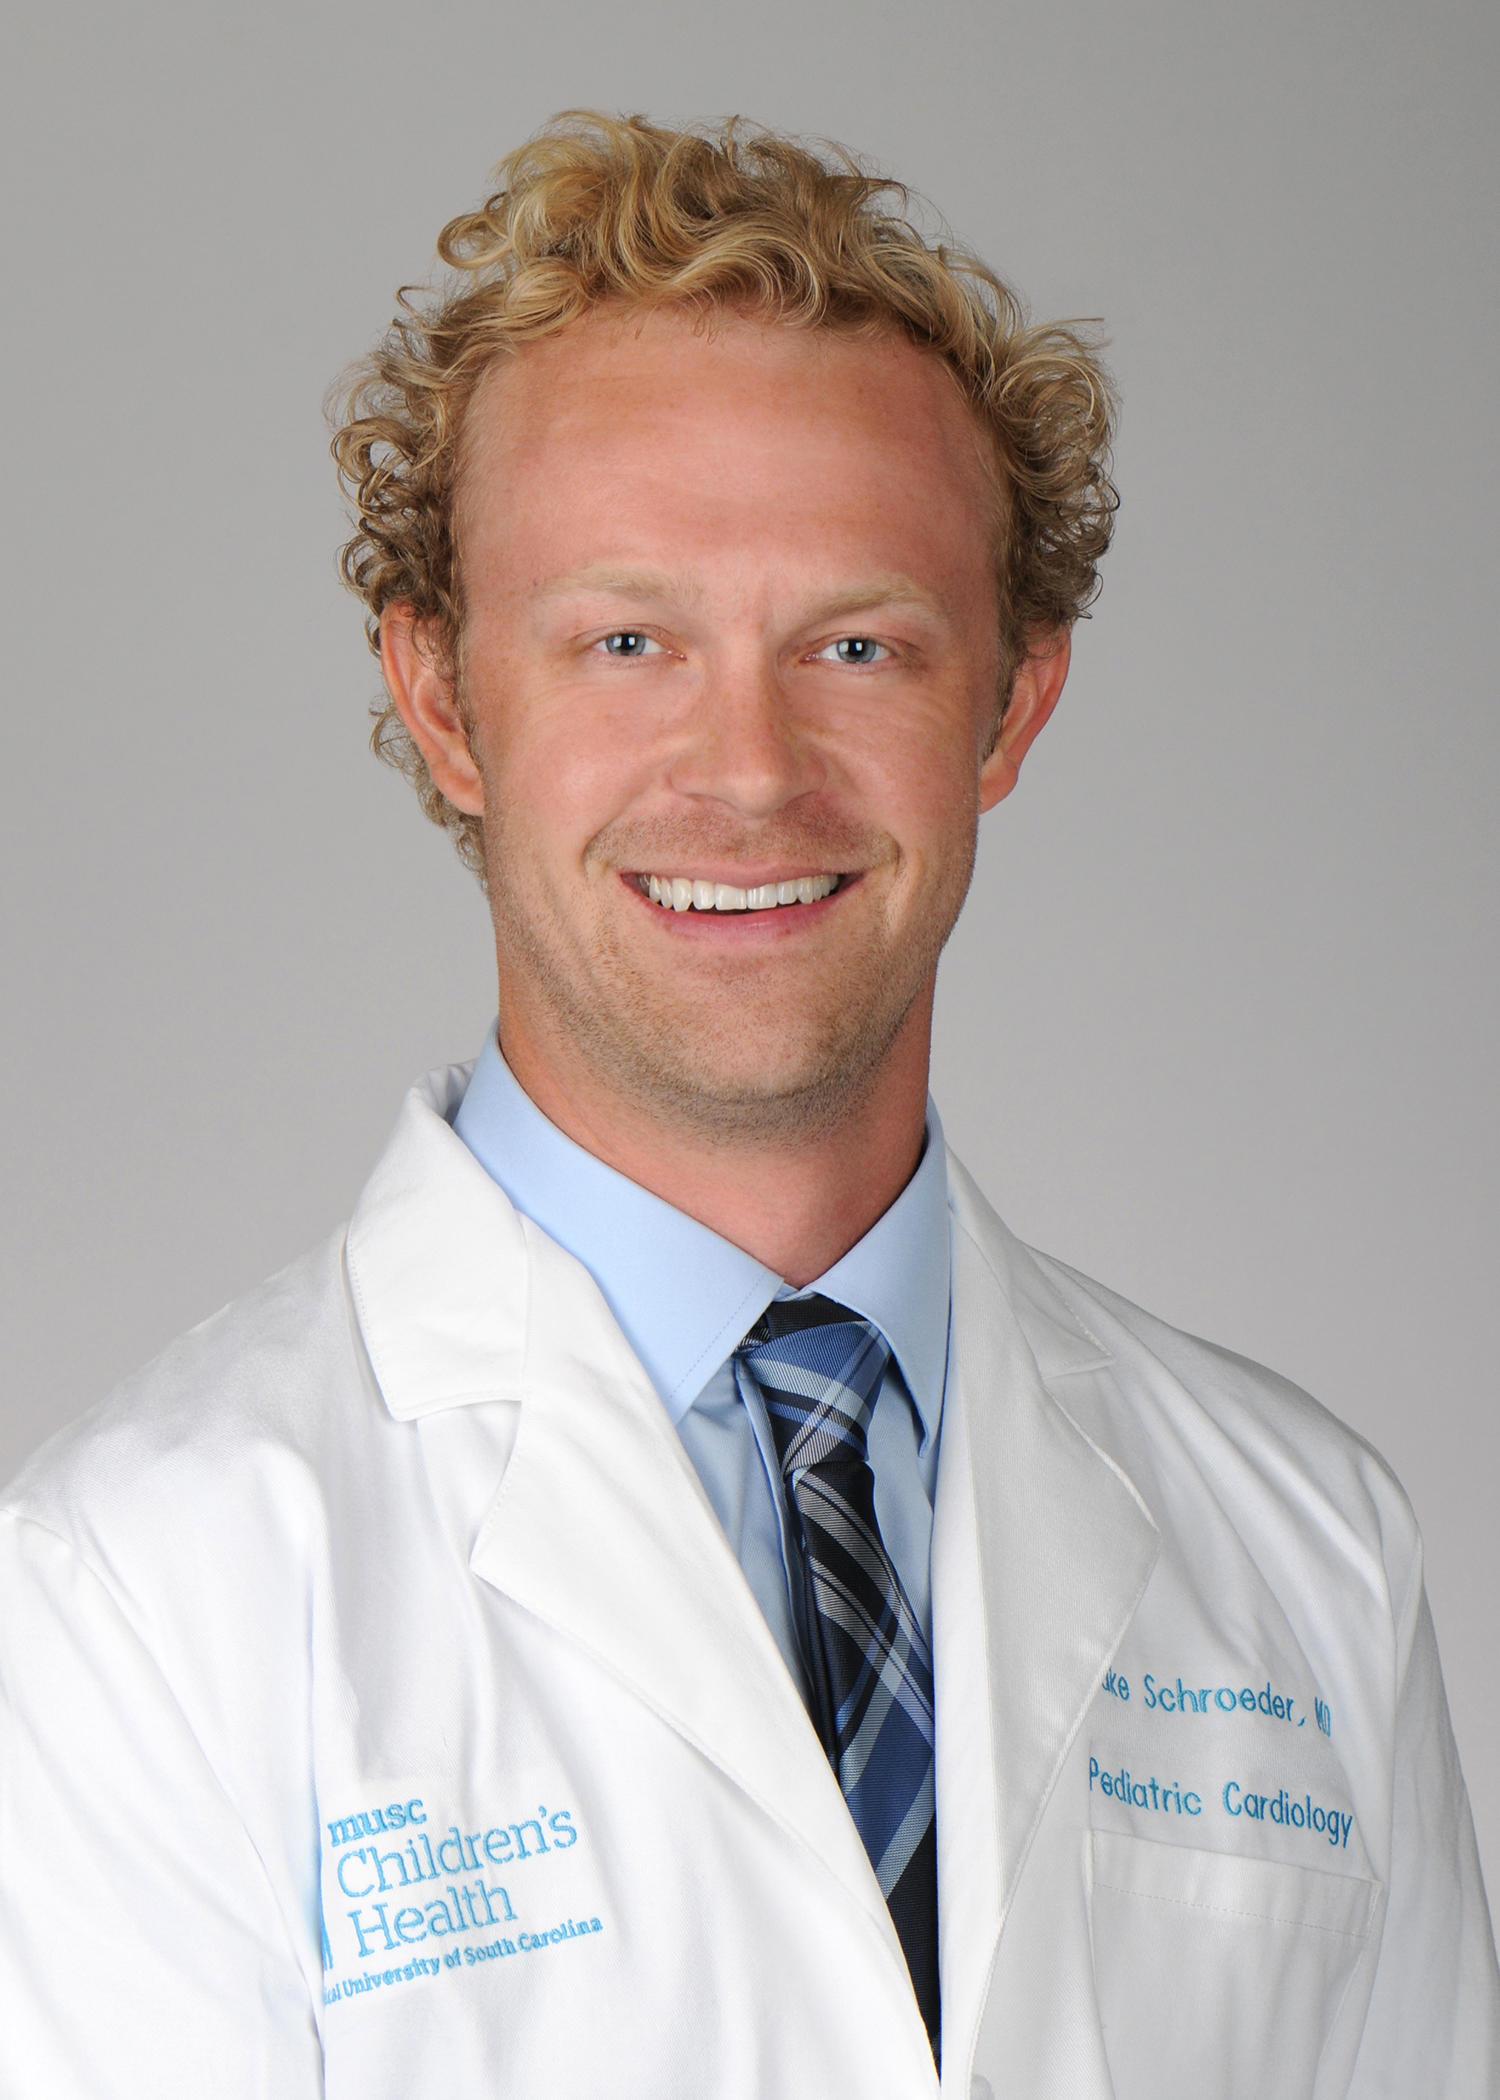 Luke W Schroeder, MD - Charleston, SC 29425 - (843)876-0444 | ShowMeLocal.com